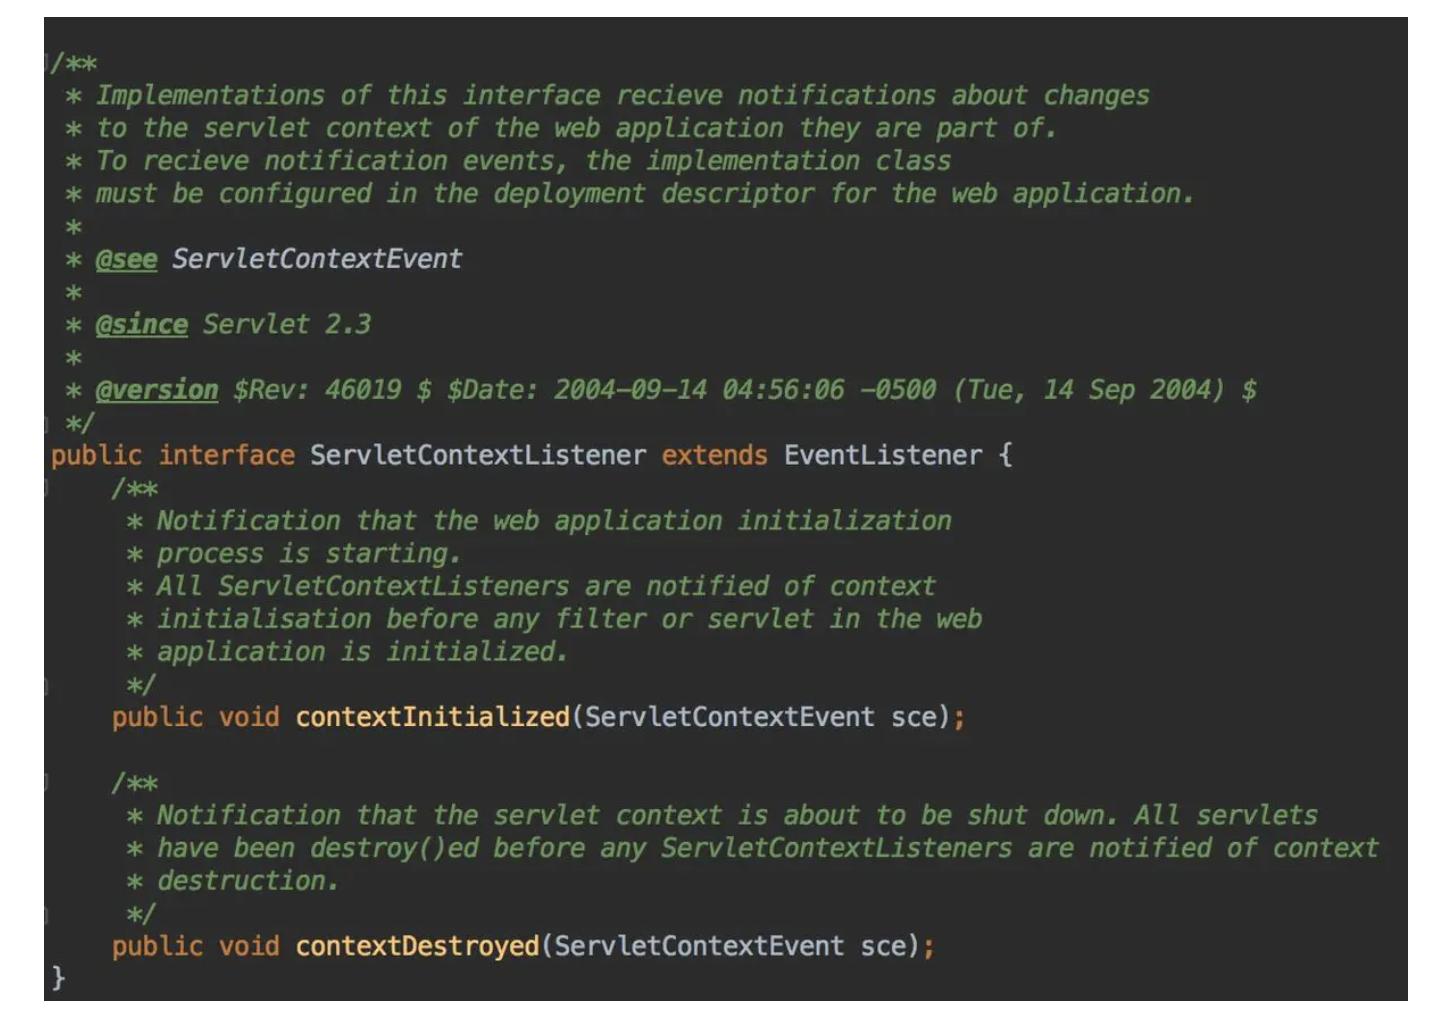 servlet-context-listener